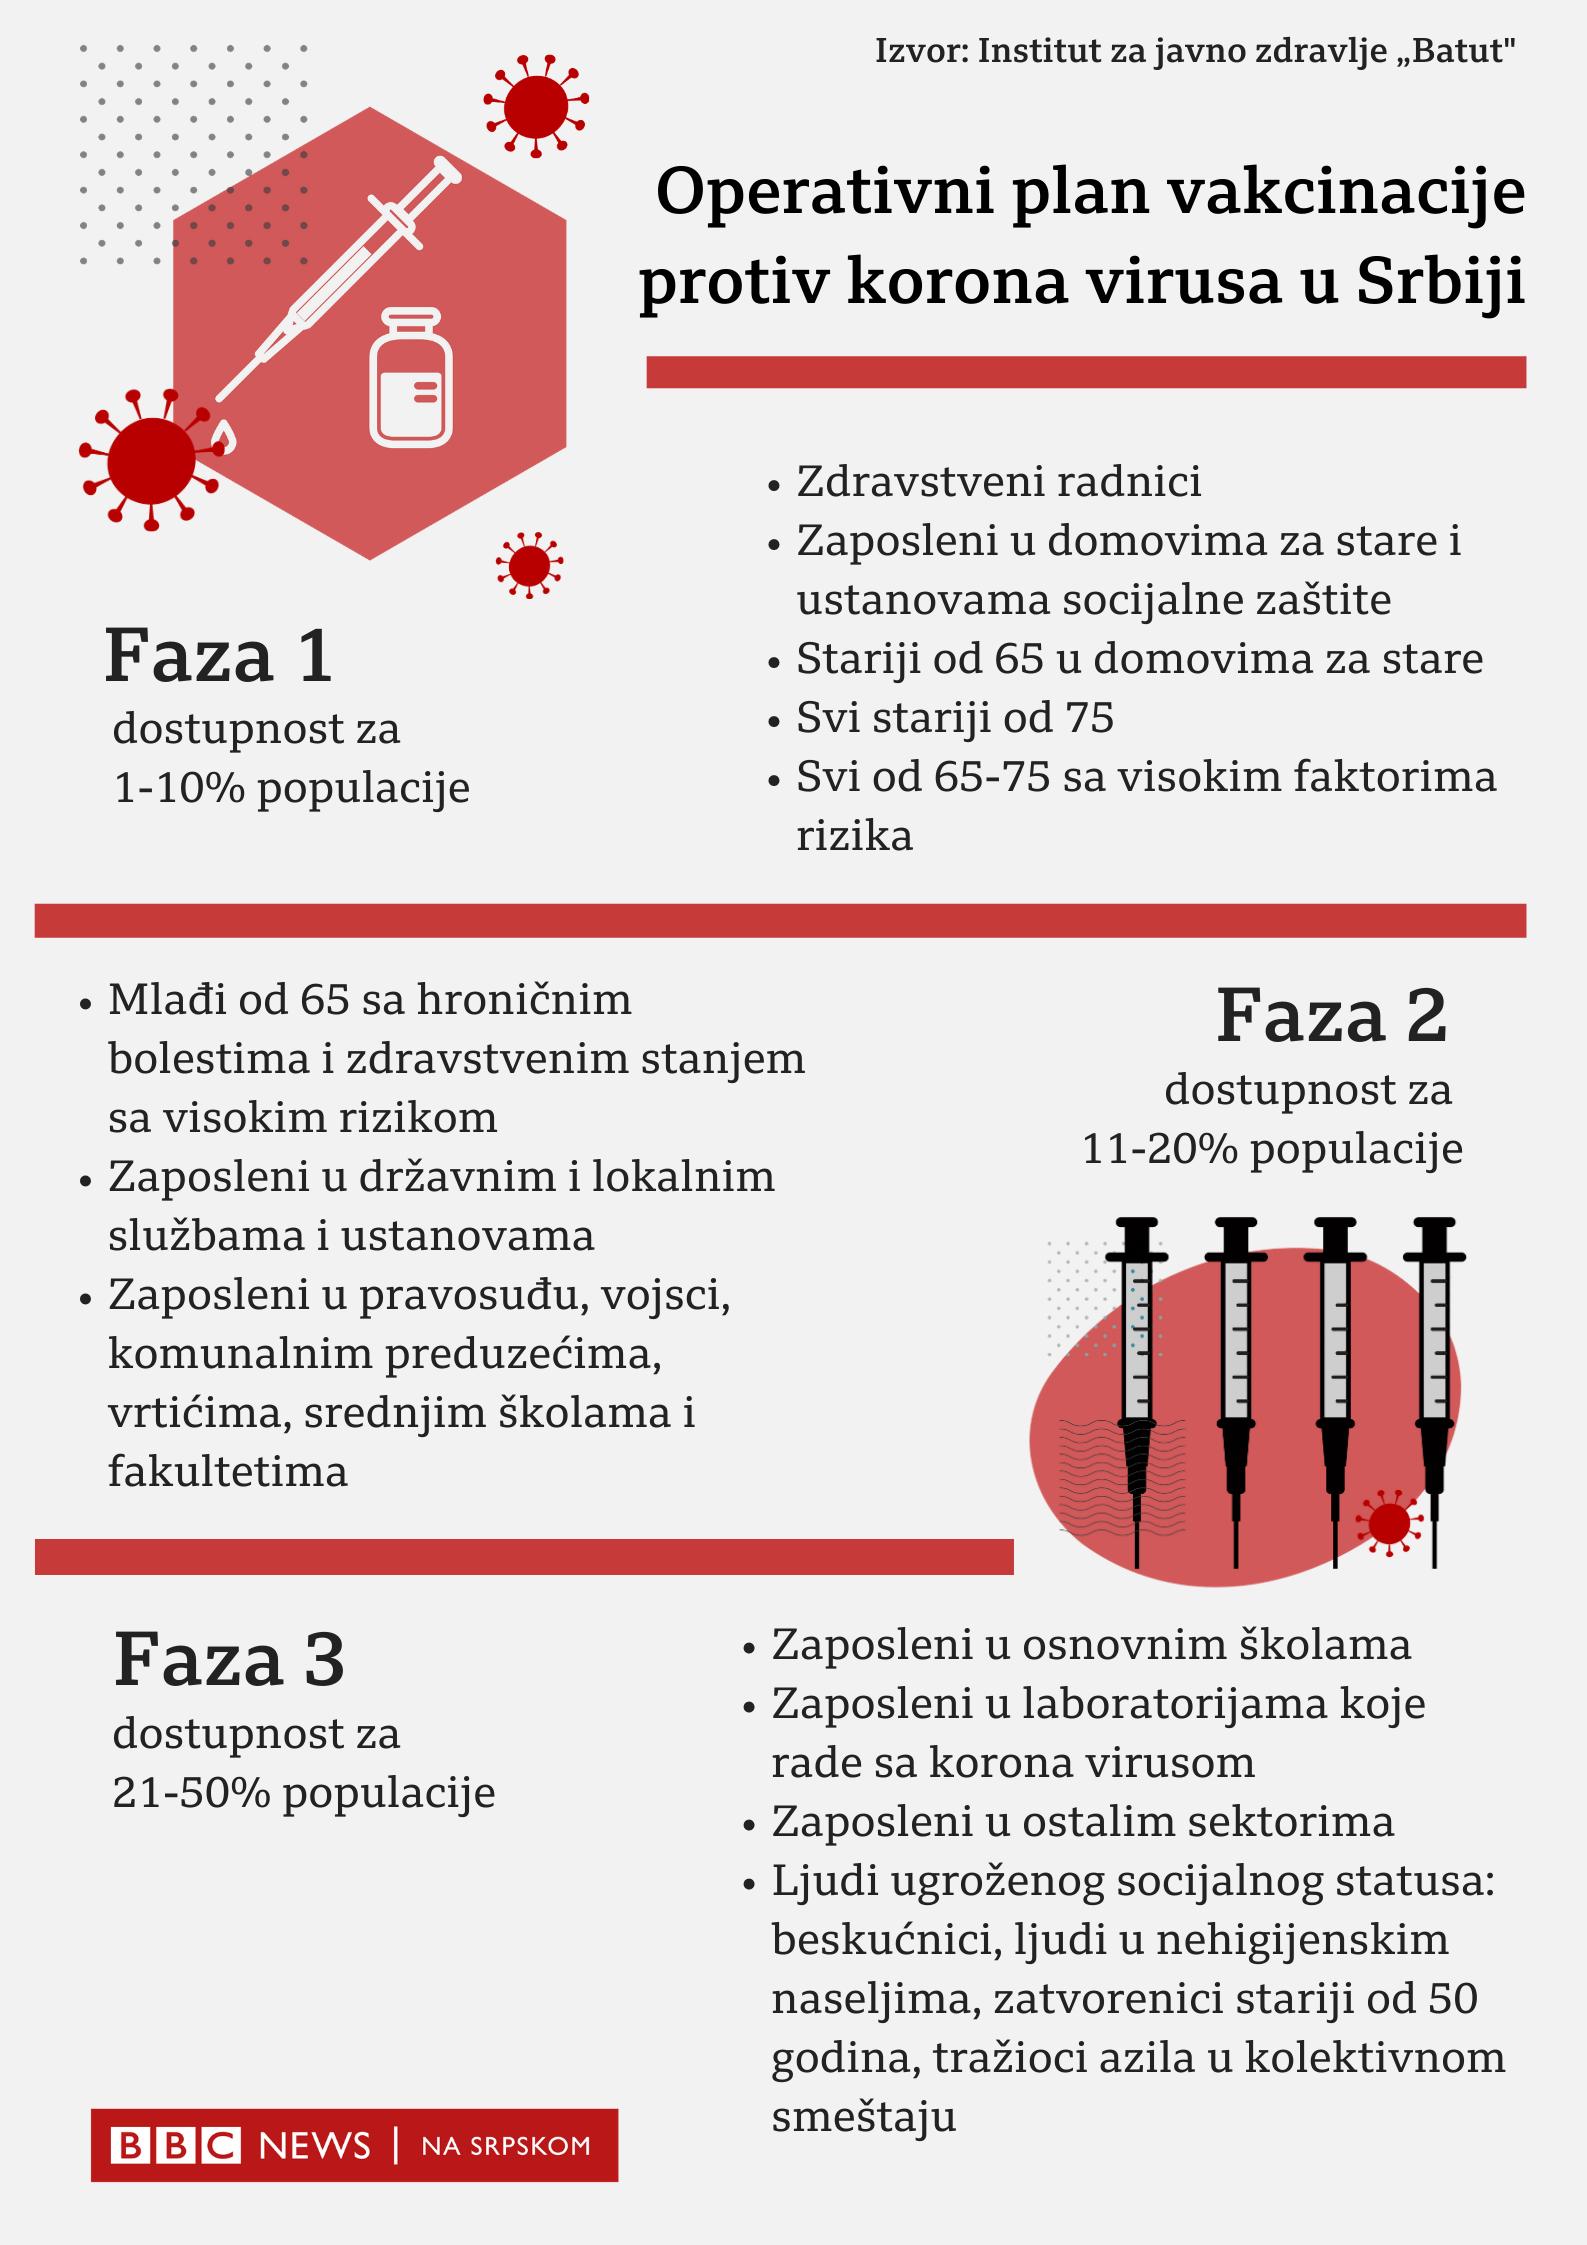 Plan vakcinacije